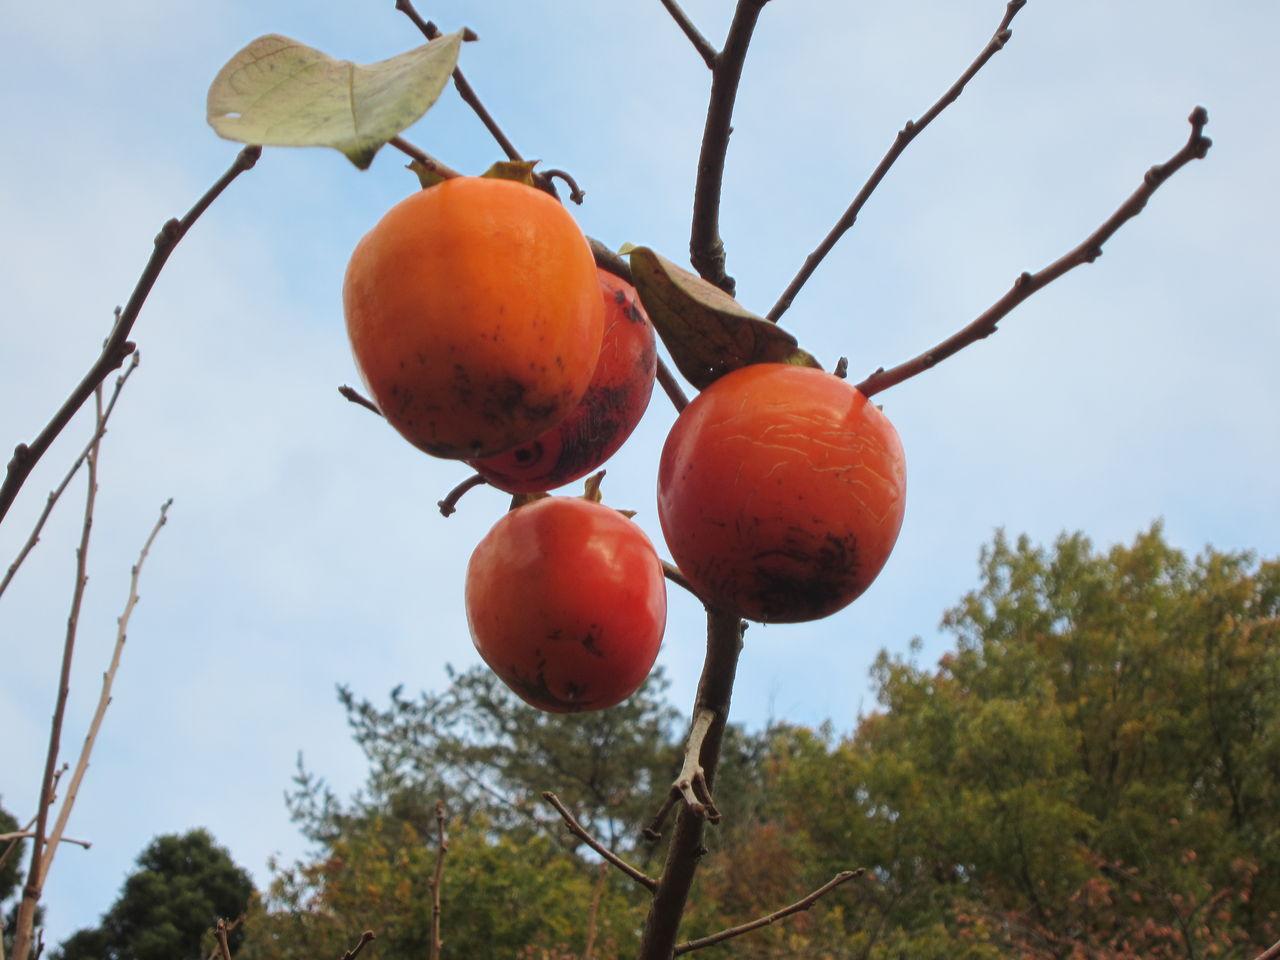 002 伊達地方特産品あんぽ柿は 柿の葉が落葉し黄金色に完熟した蜂屋柿(大型の... あんぽ柿